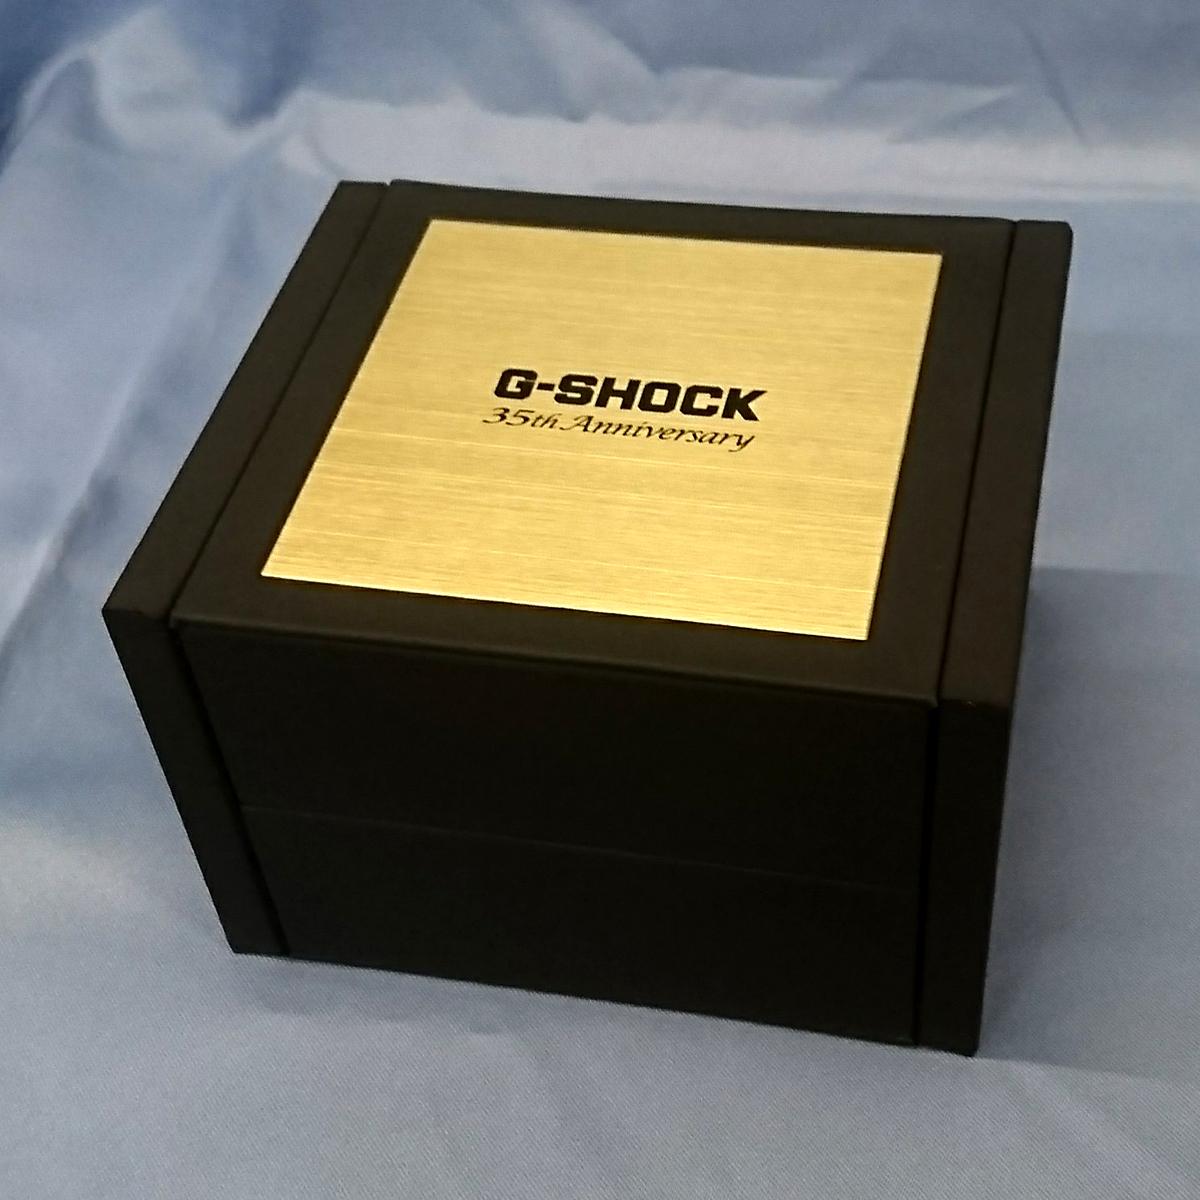 新品 撮影開封のみ 未使用 CASIO G-SHOCK 35周年記念限定モデル フルメタル GOLD ゴールド Gショック GMW-B5000TFG-9JR 正規品_画像3